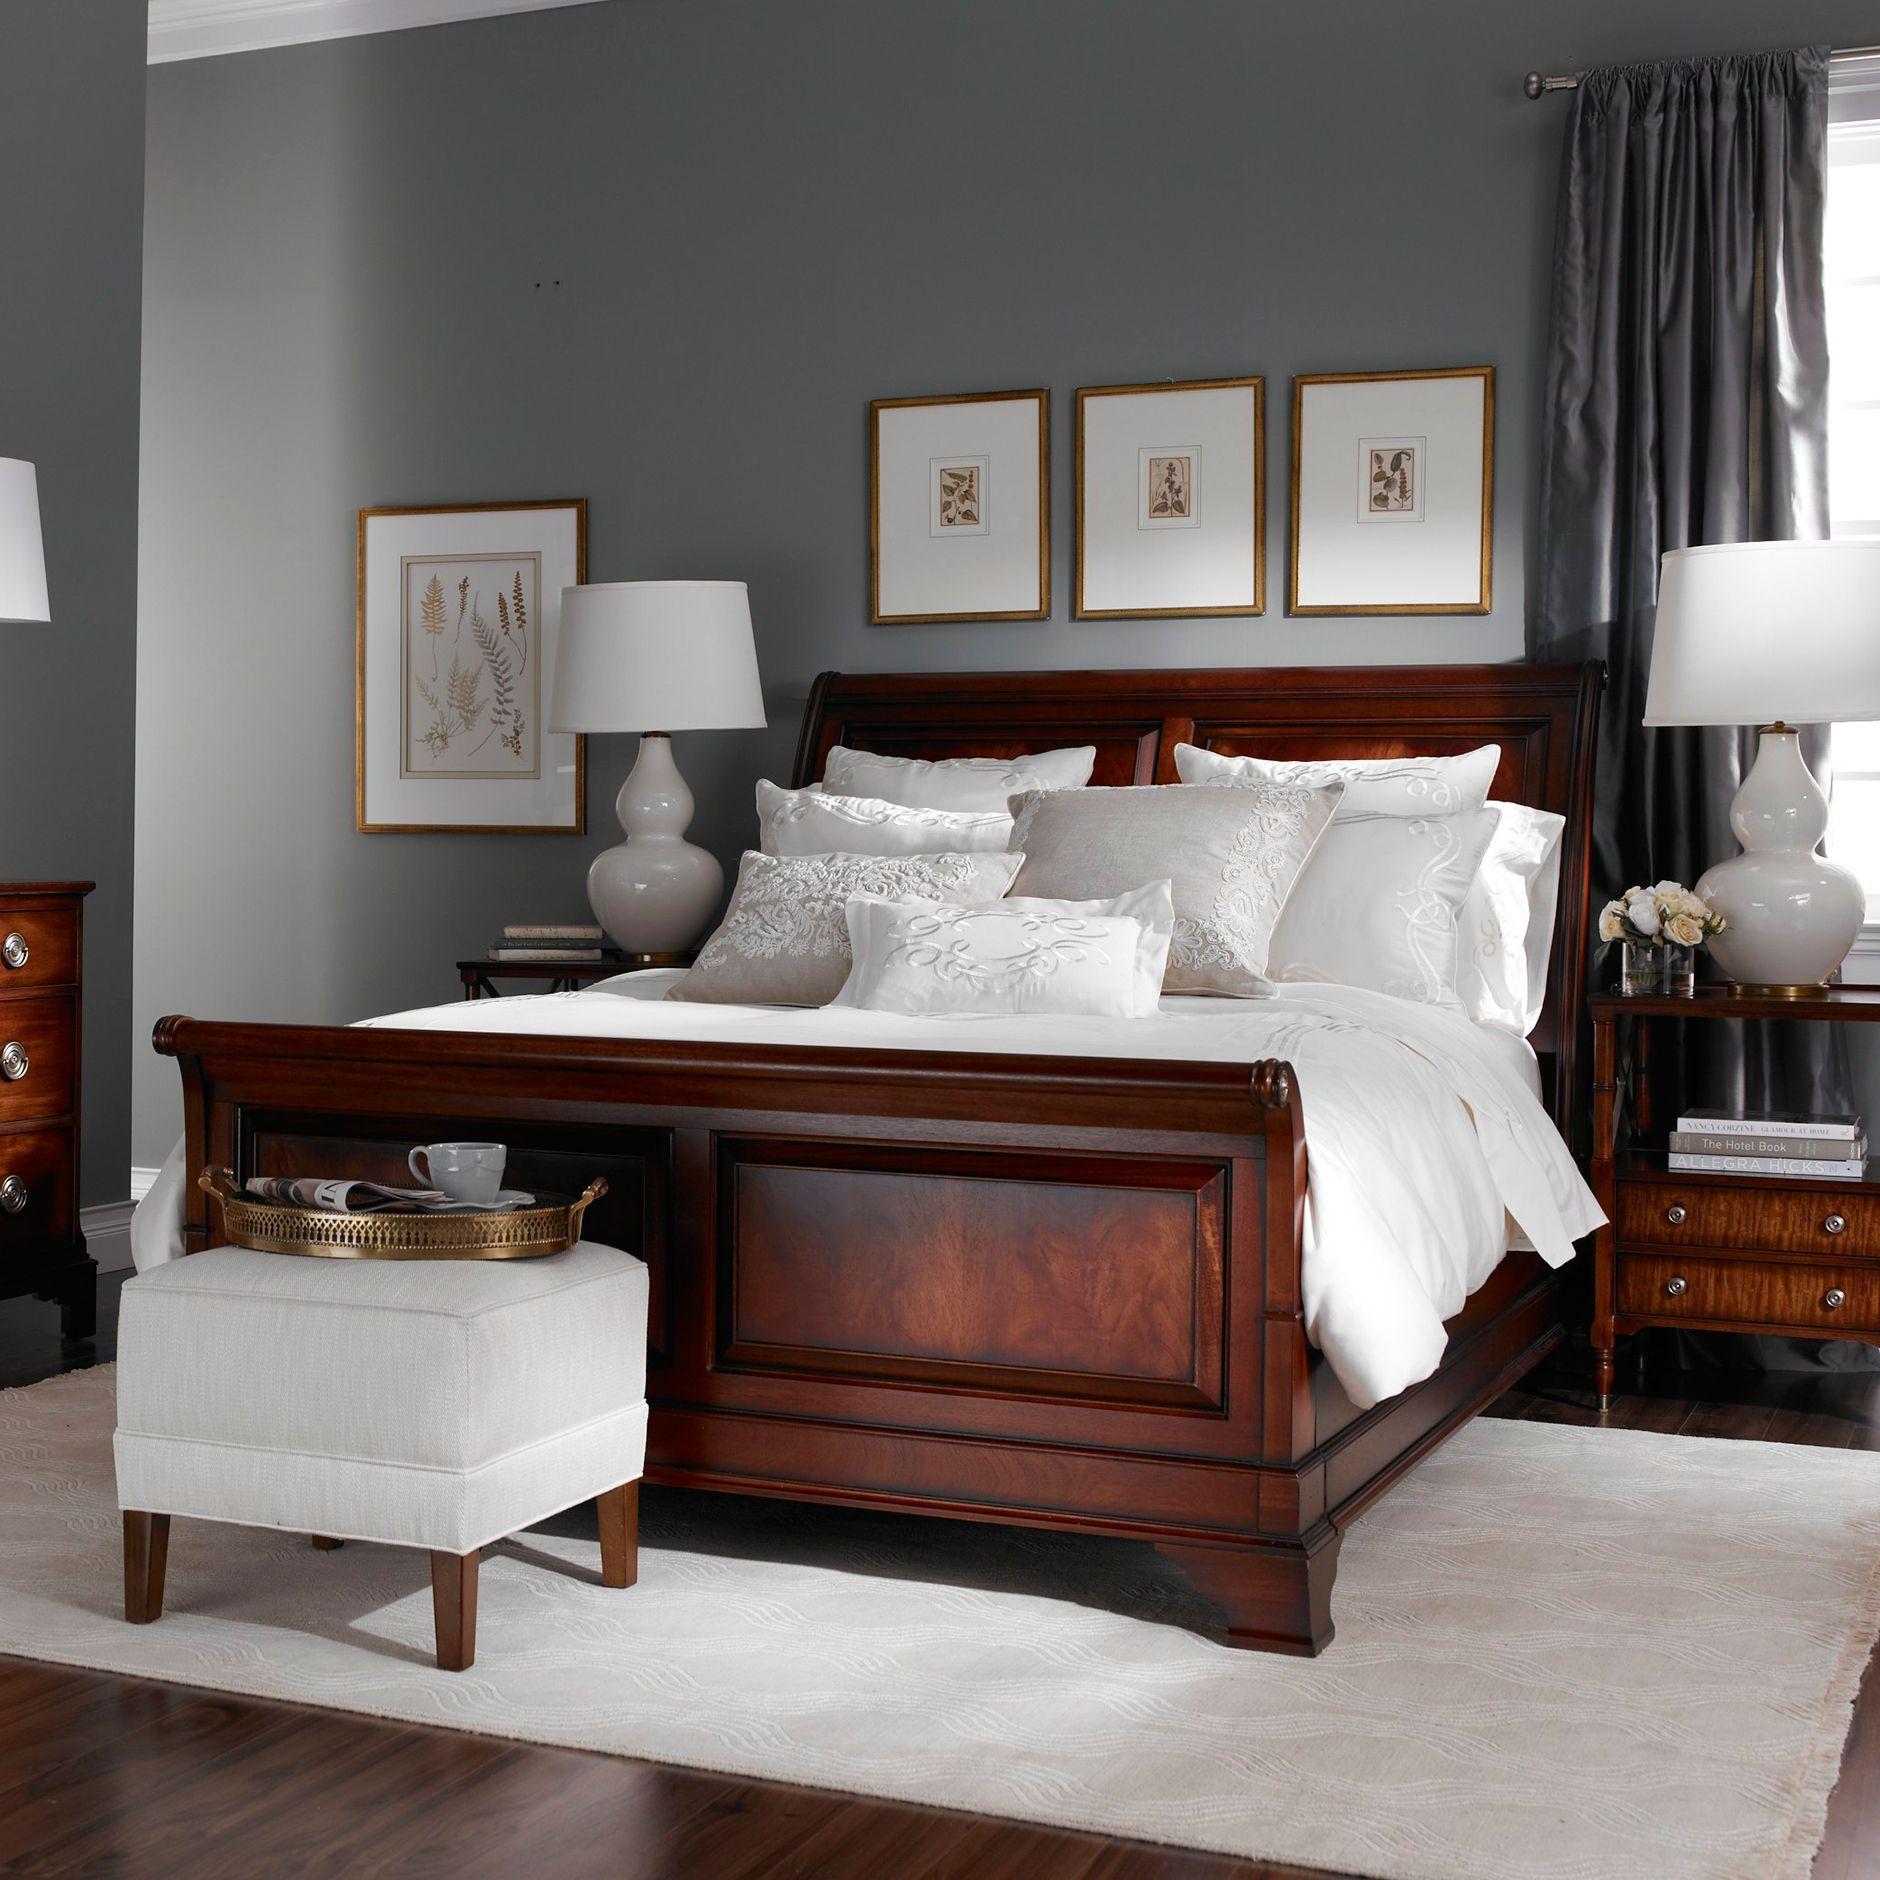 outstanding dark wood bedroom sets | Elegant ~love the leaf drawings over the bed | Dark wood ...